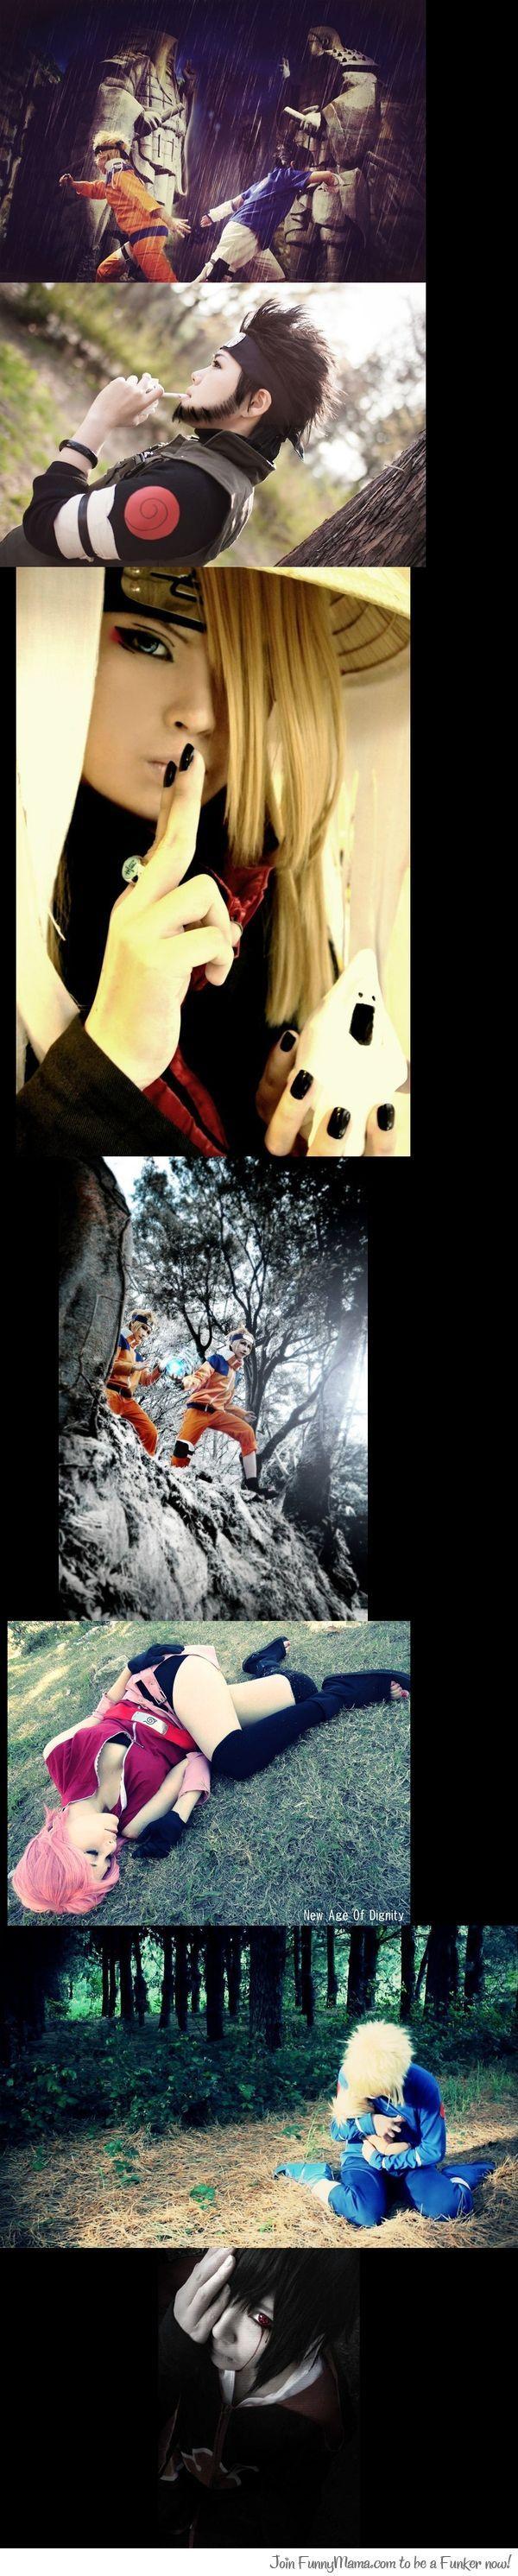 Naruto Cosplays- top to bottom: Naruto and Sasuke, Master Asuma, Deidara, Naruto, Sakura, Minato and Baby Naruto, Sasuke.